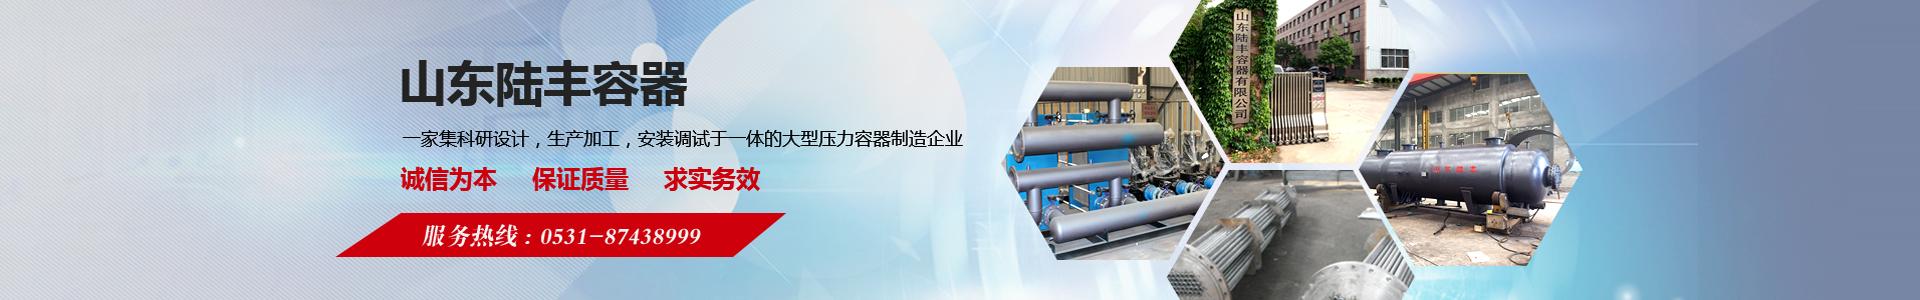 山东压力容器